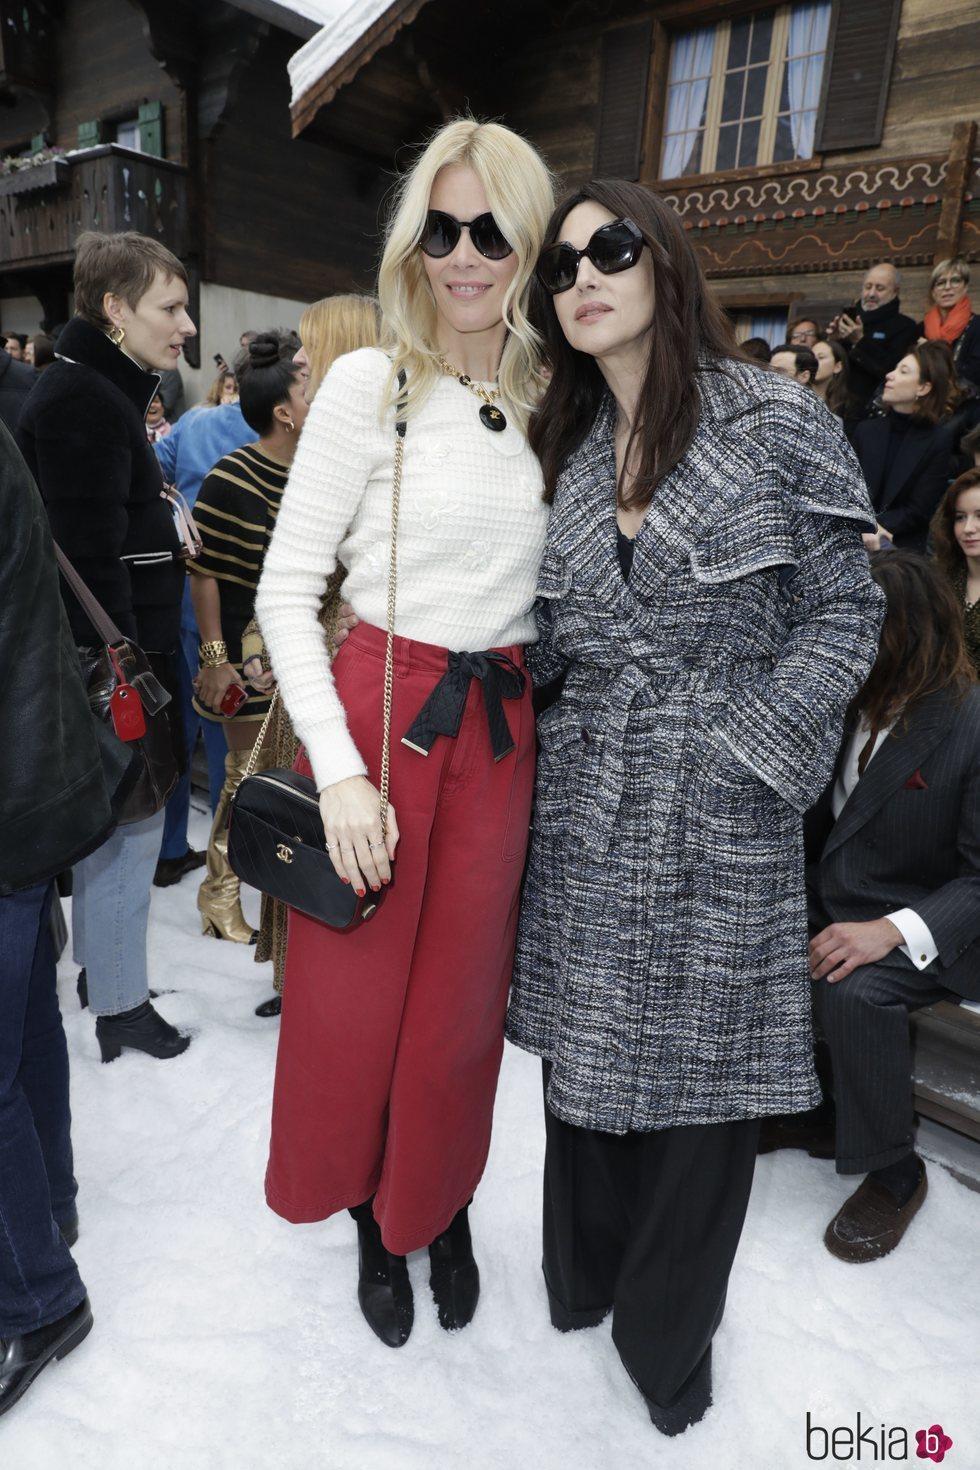 Claudia Schiffer y Monica Bellucci en el front row del desfile de Chanel otoño/invierno 2019/2020 en París